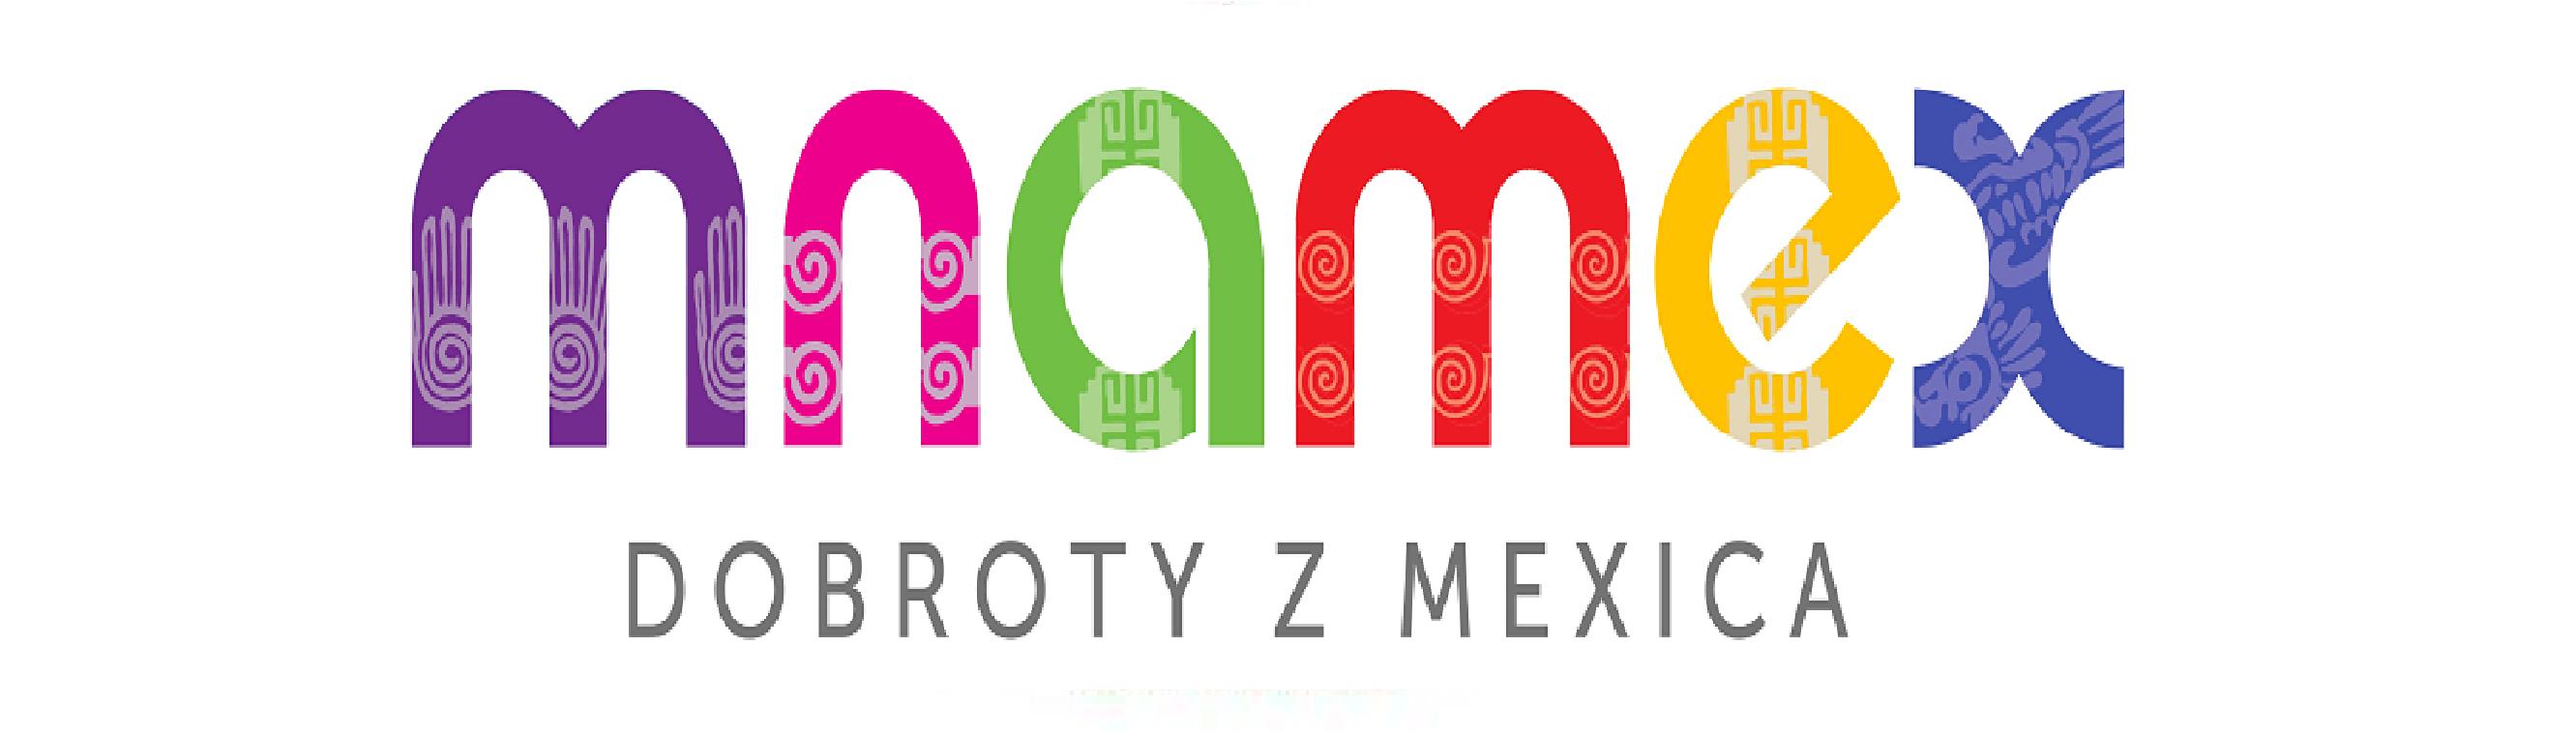 mnamex - dobroty z Mexica